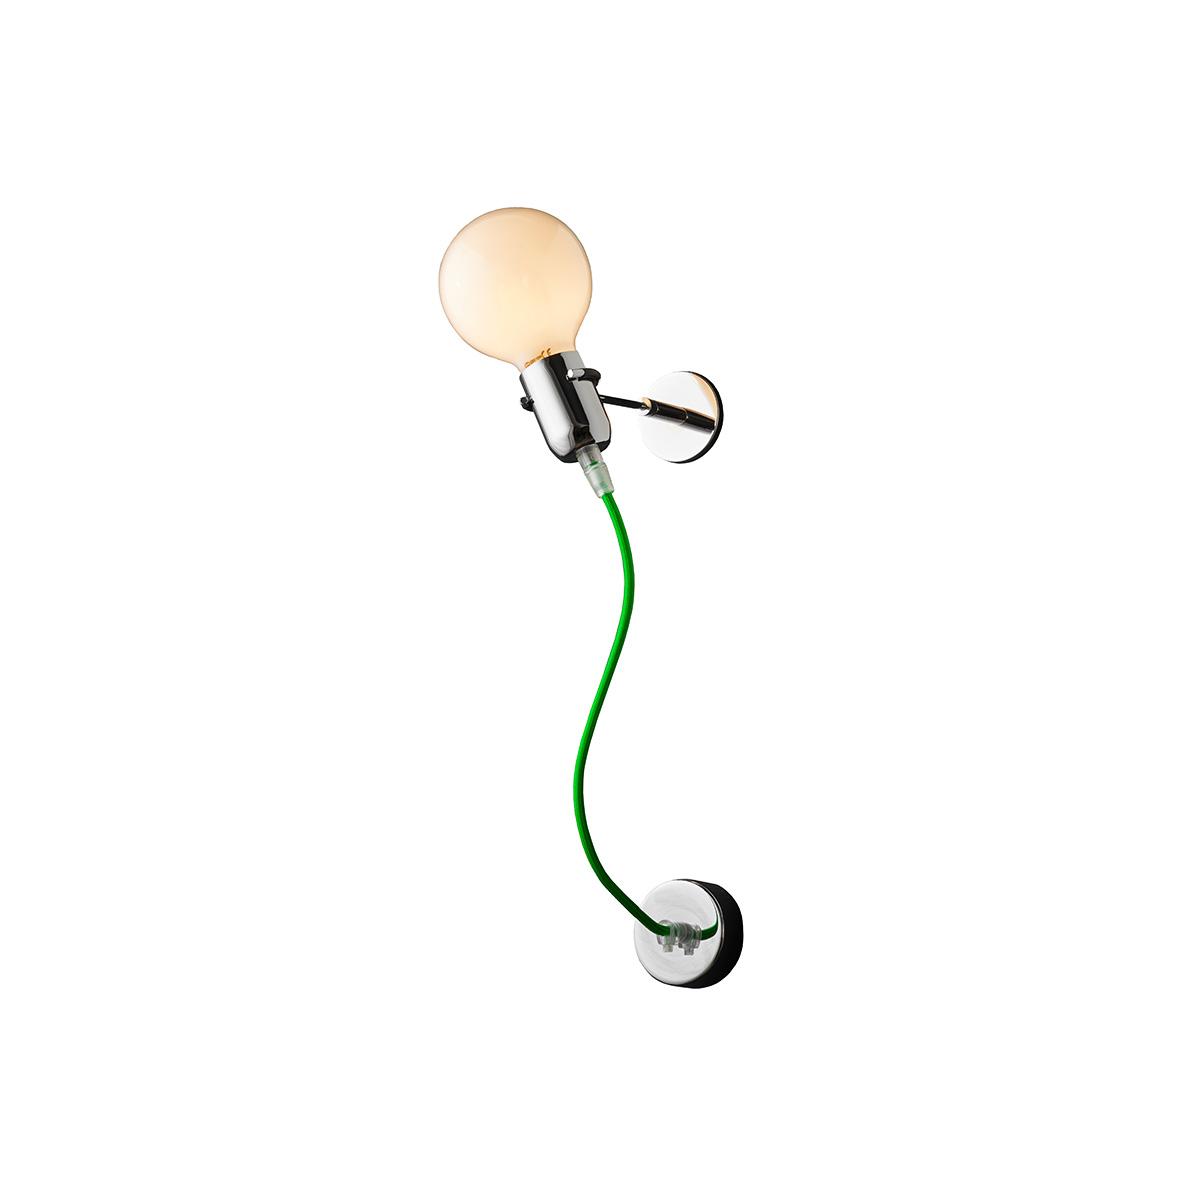 Μοντέρνα απλίκα με πράσινο καλώδιο ΚΑΛΩΔΙΑ modern green wall lamp